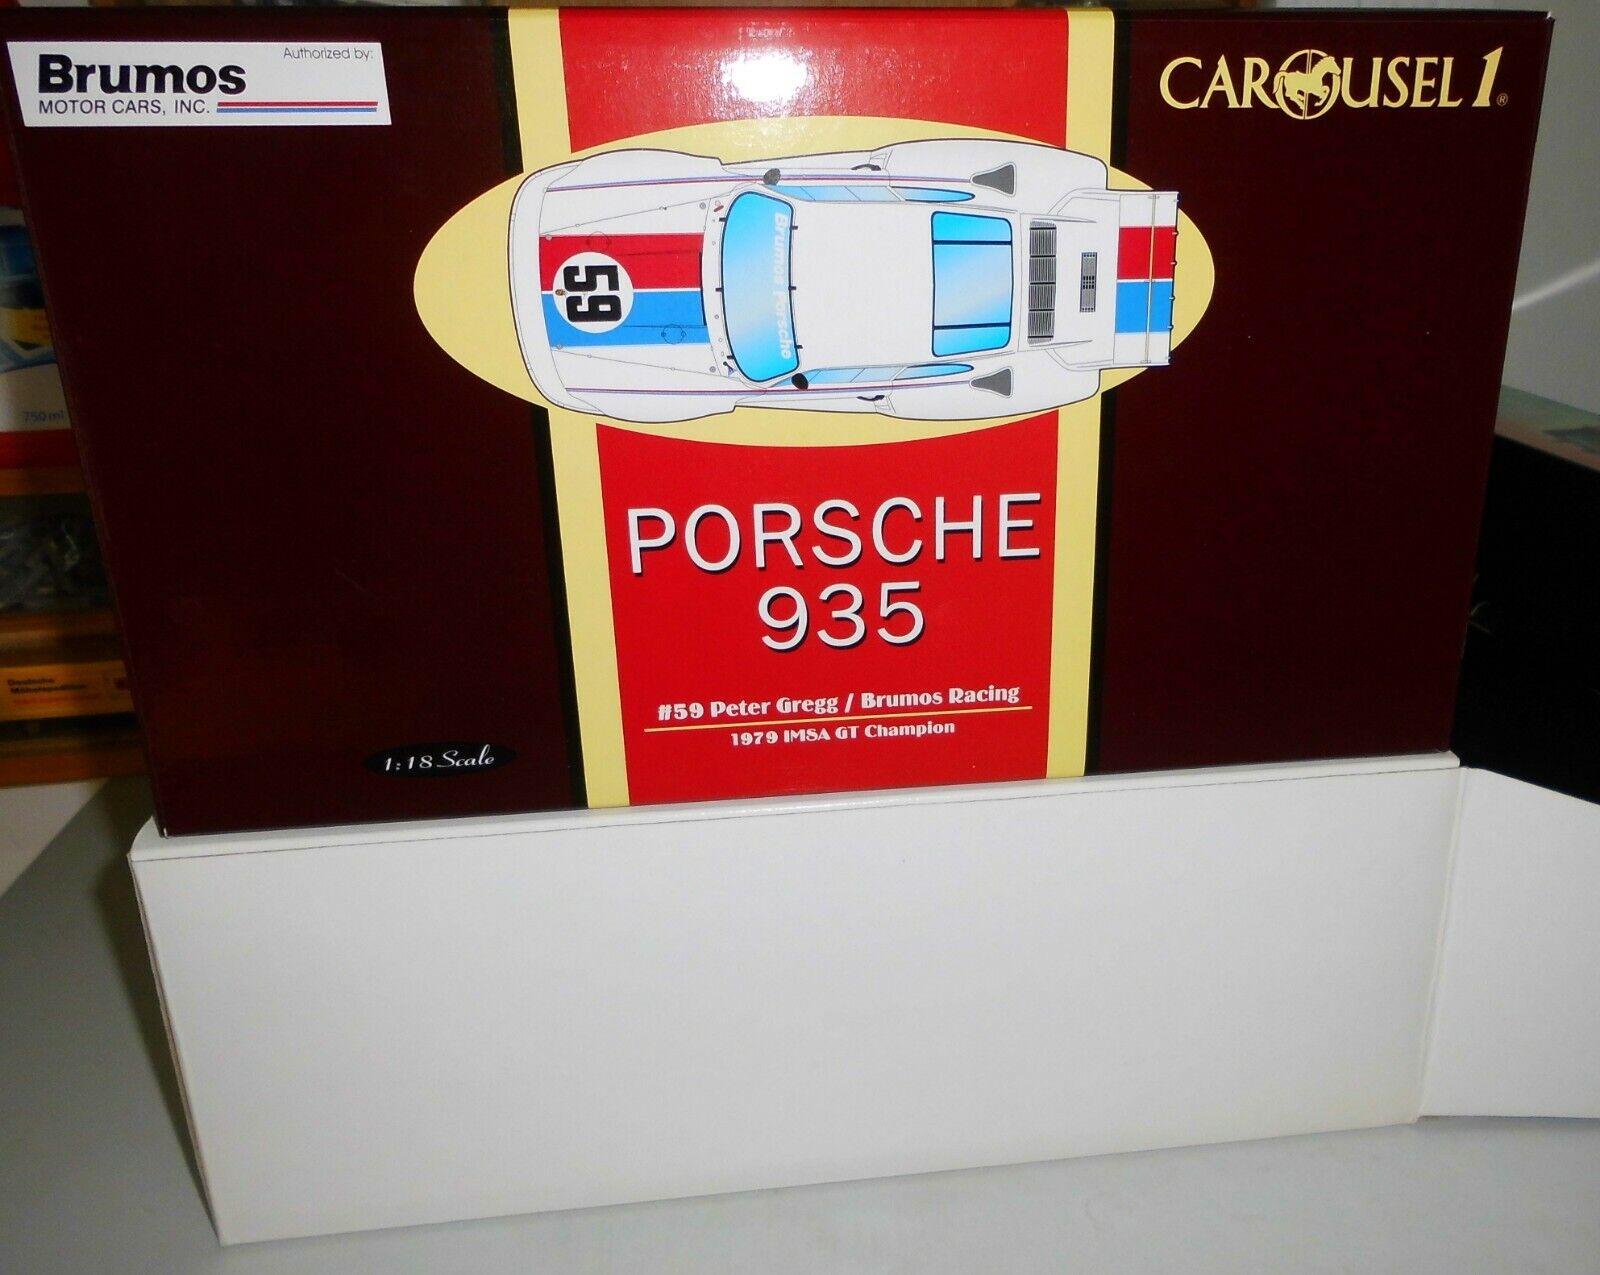 voitureousel 1 18 Brumos Porsche 935, Peter Gregg  BNIB  qualité de première classe